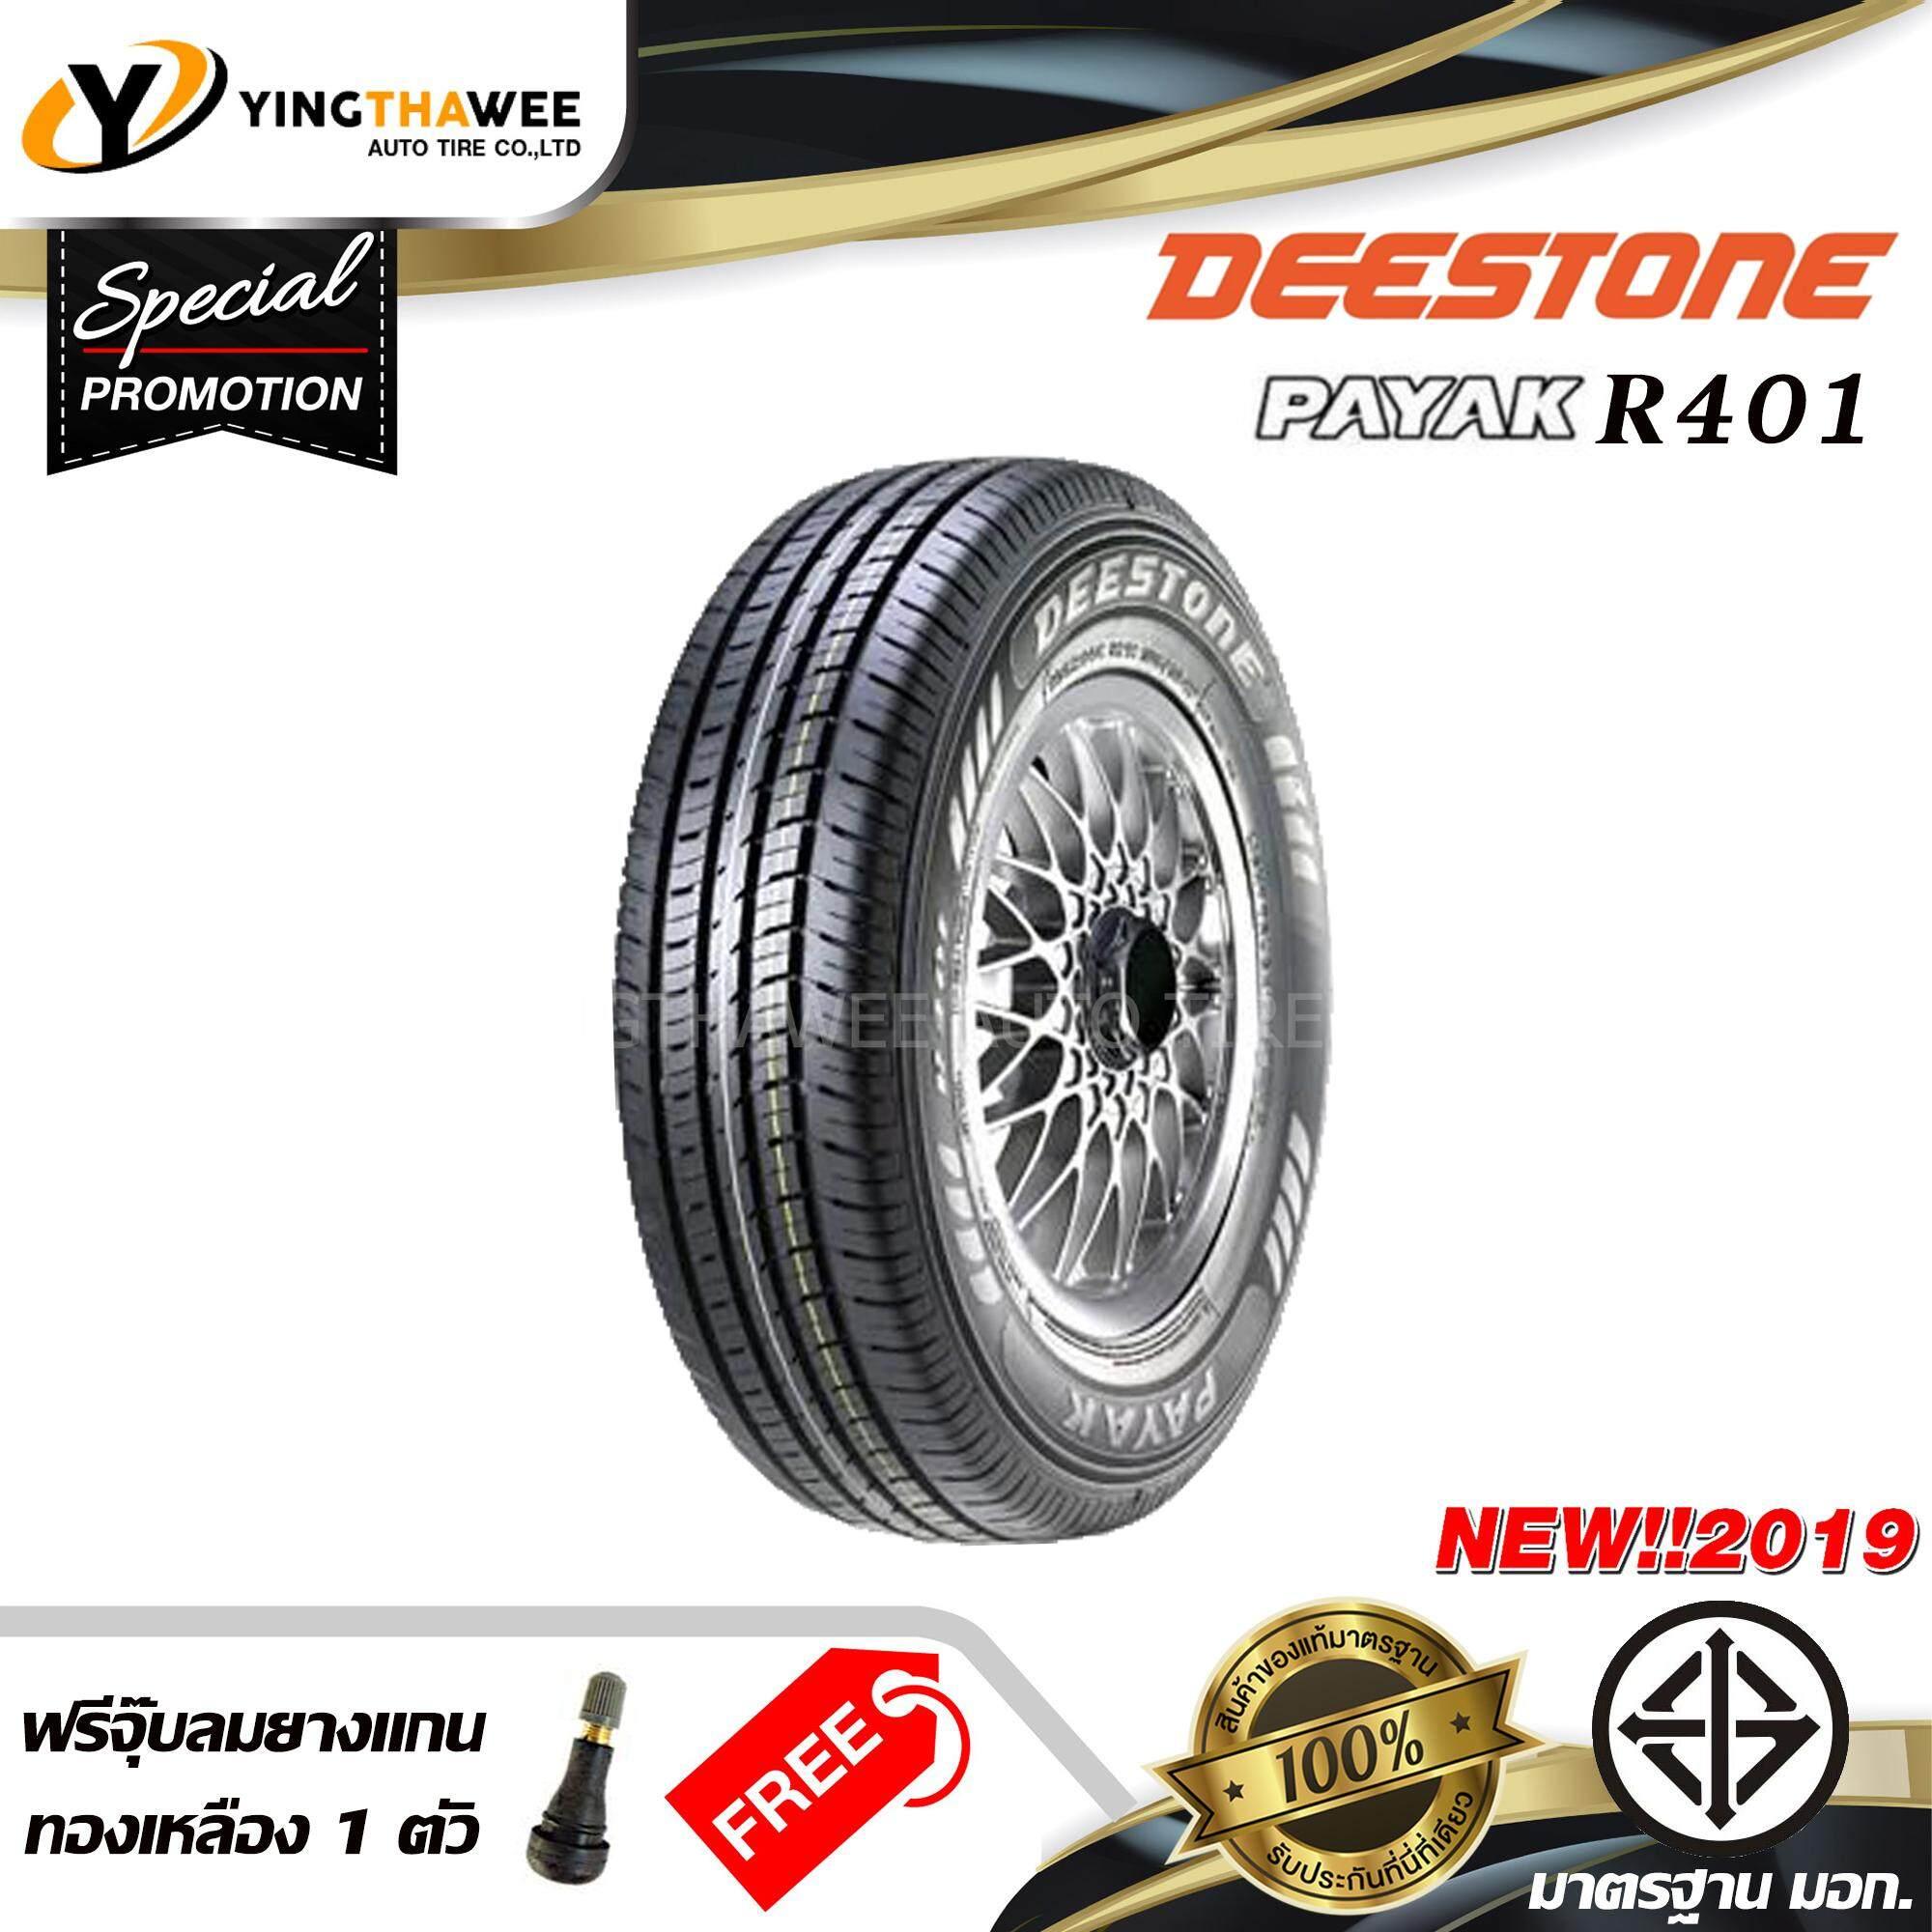 ซื้อที่ไหน  ฉะเชิงเทรา Deestone ยางรถยนต์ 195R14 รุ่น R401  1 เส้น (ปี 2019) แถมจุ๊บลมยางแกนทองเหลือง 1 ตัว